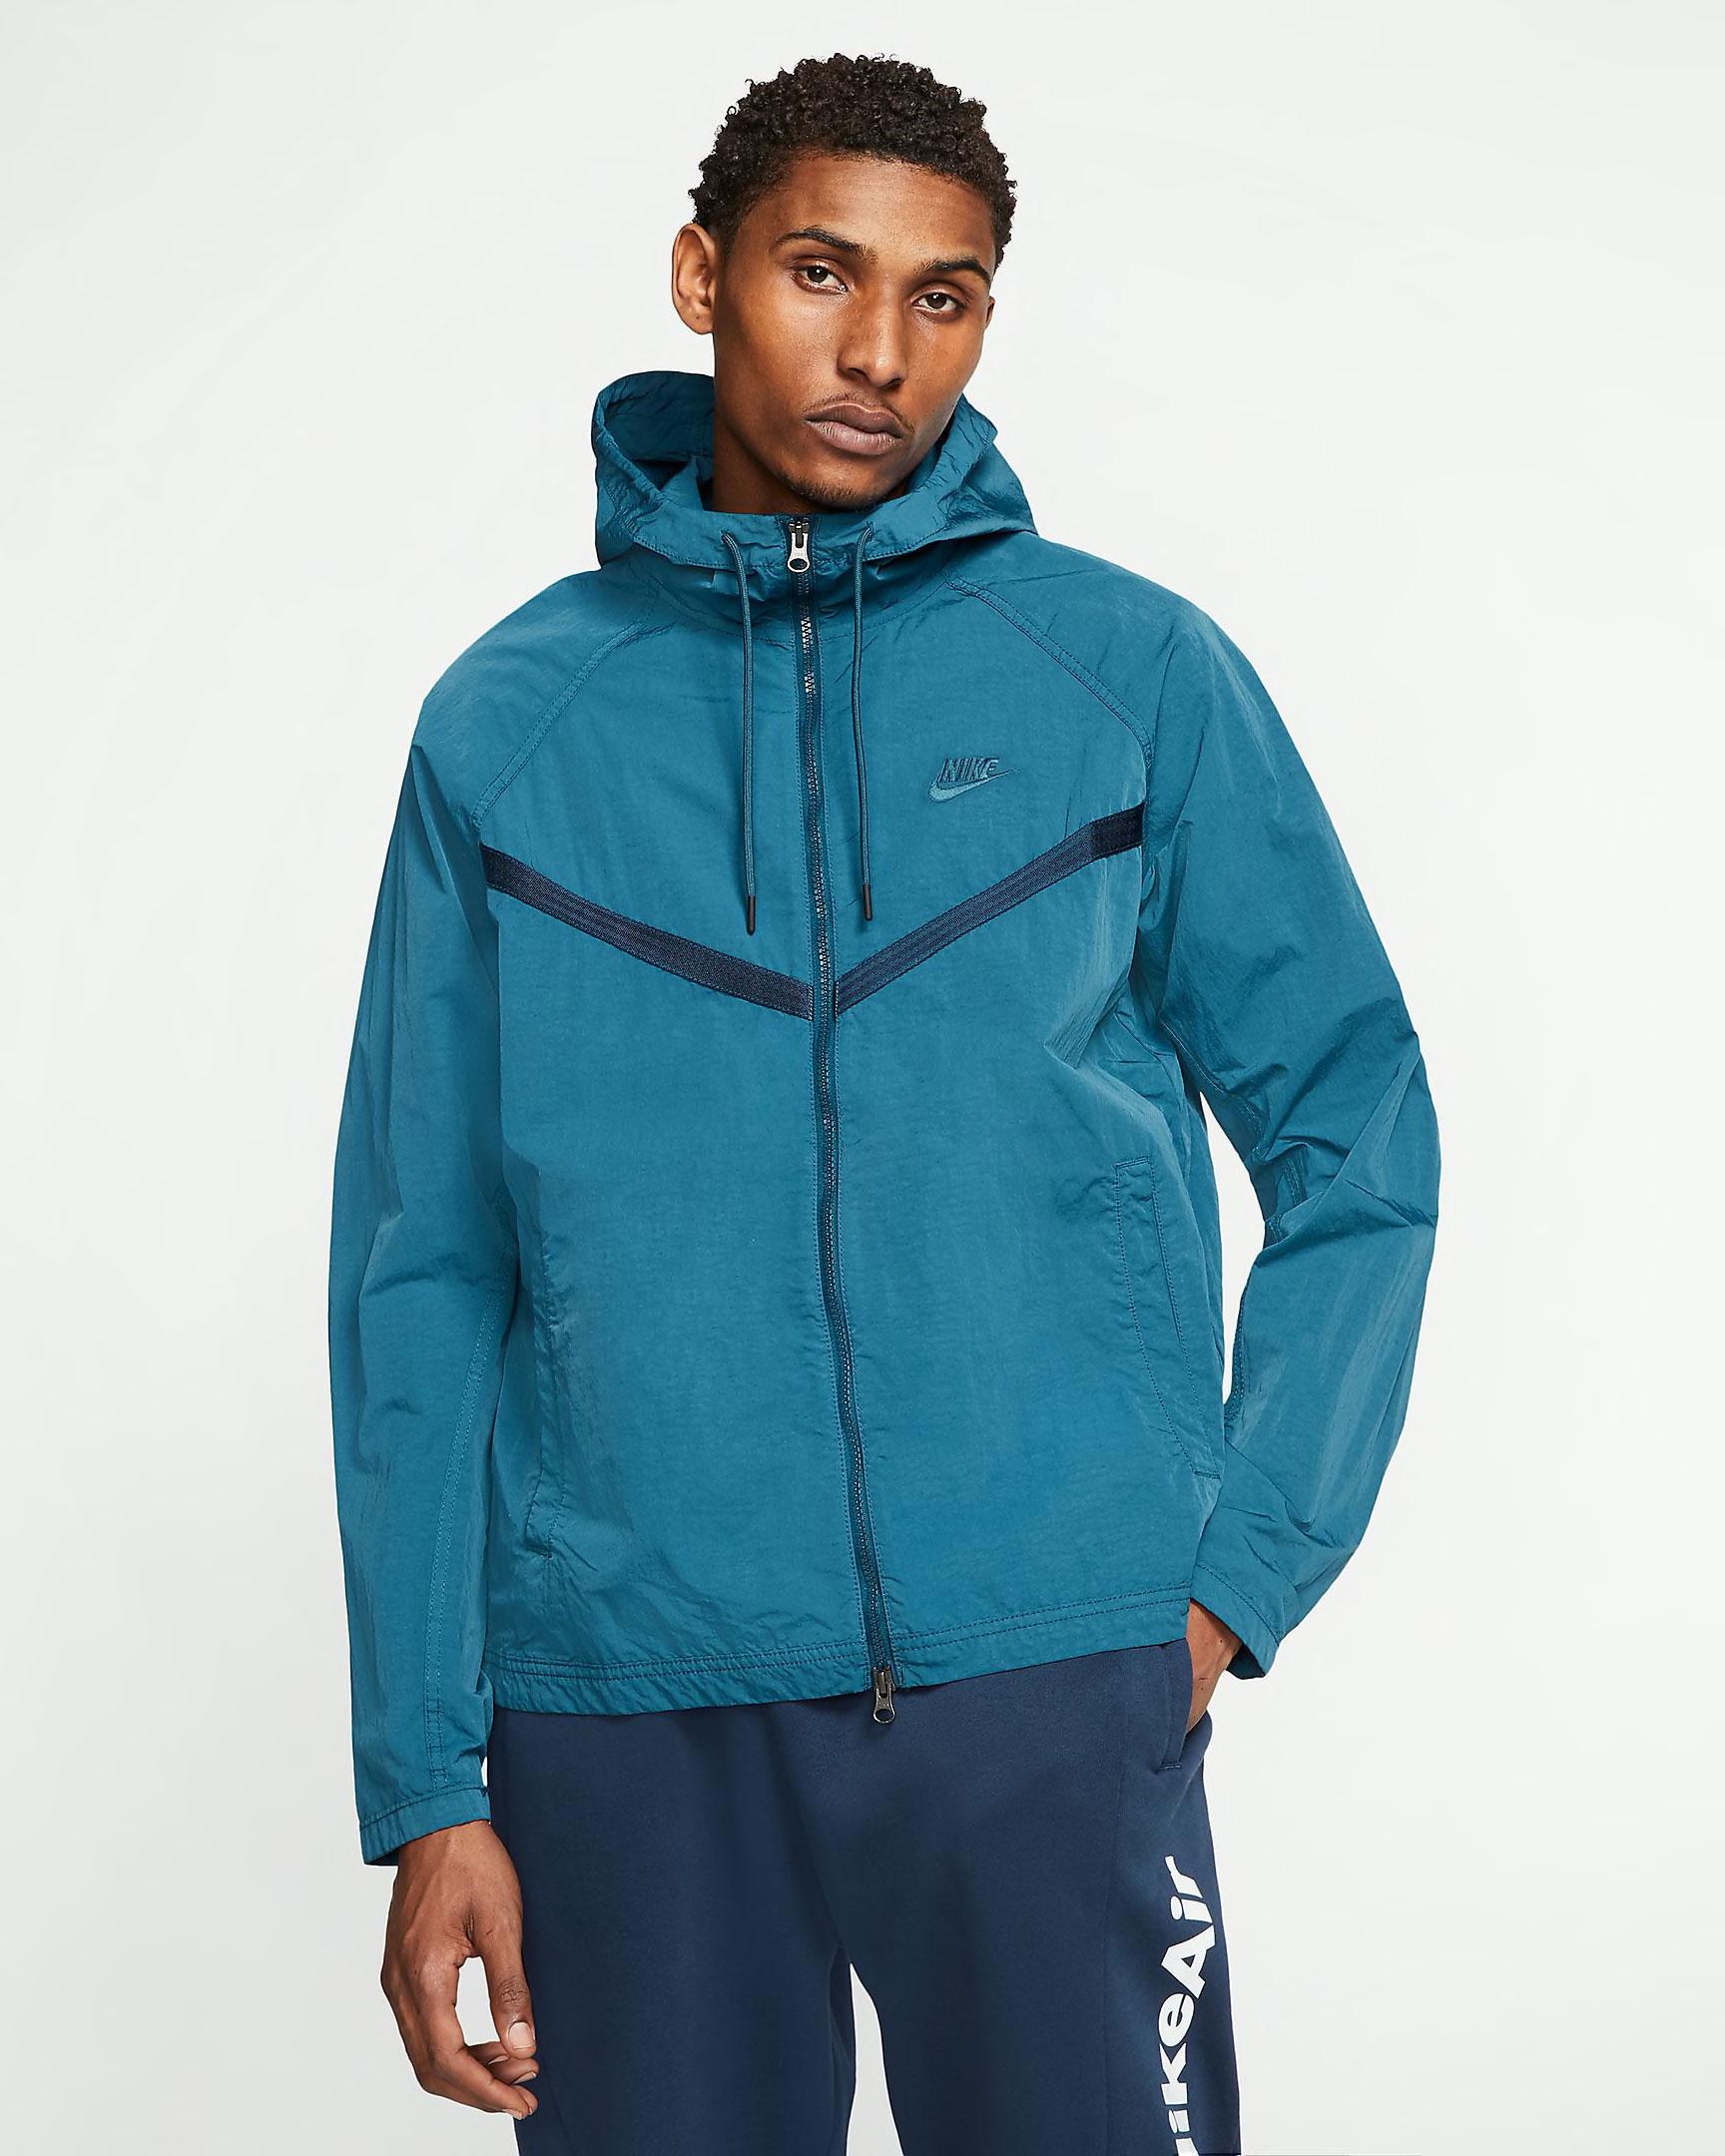 nike-windrunner-jacket-valerian-blue